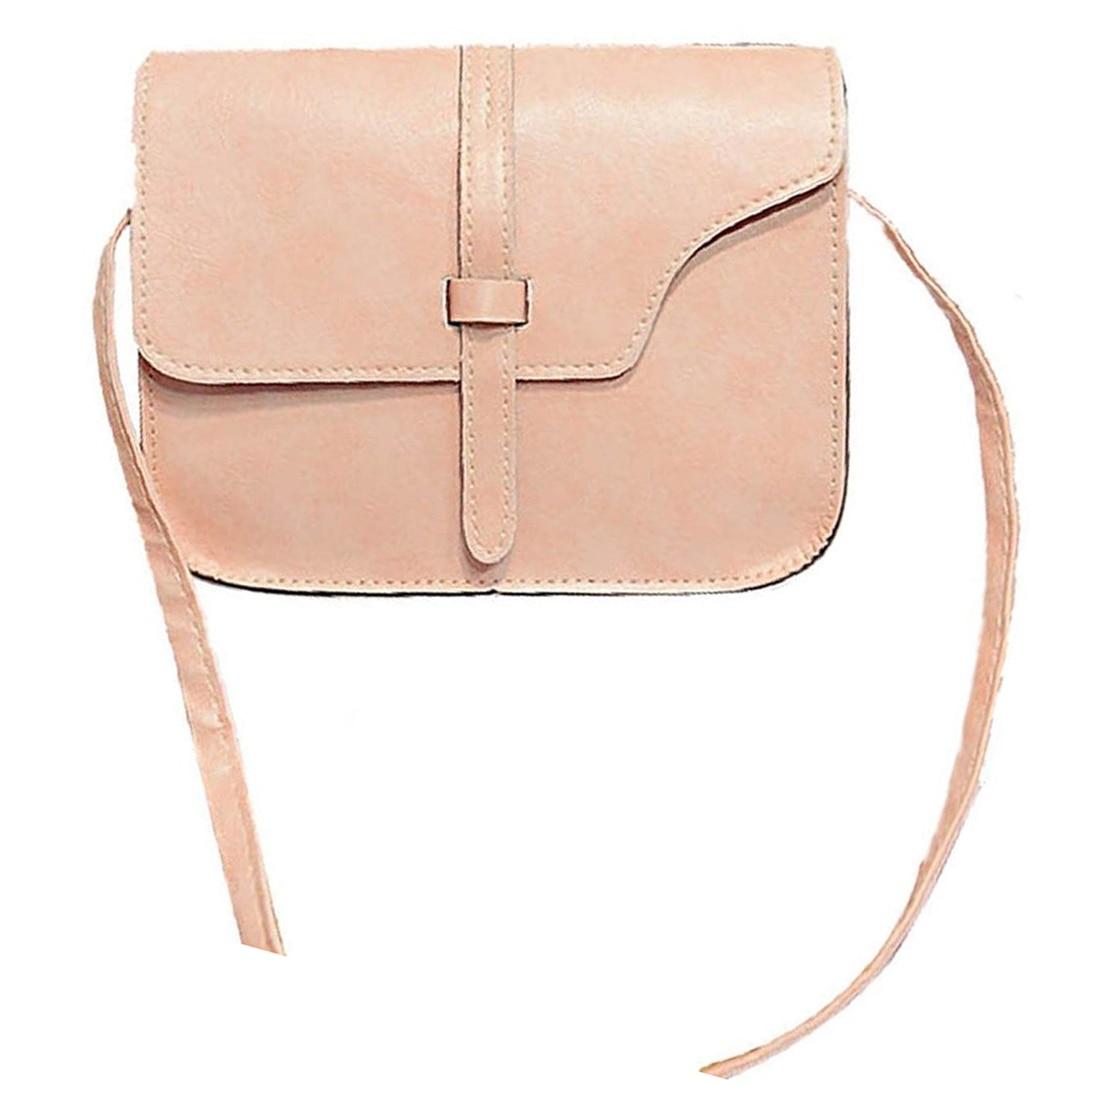 Мода и новый Для женщин девушка сумка Портфели Искусственная кожа Crossbody Сумка Розовый